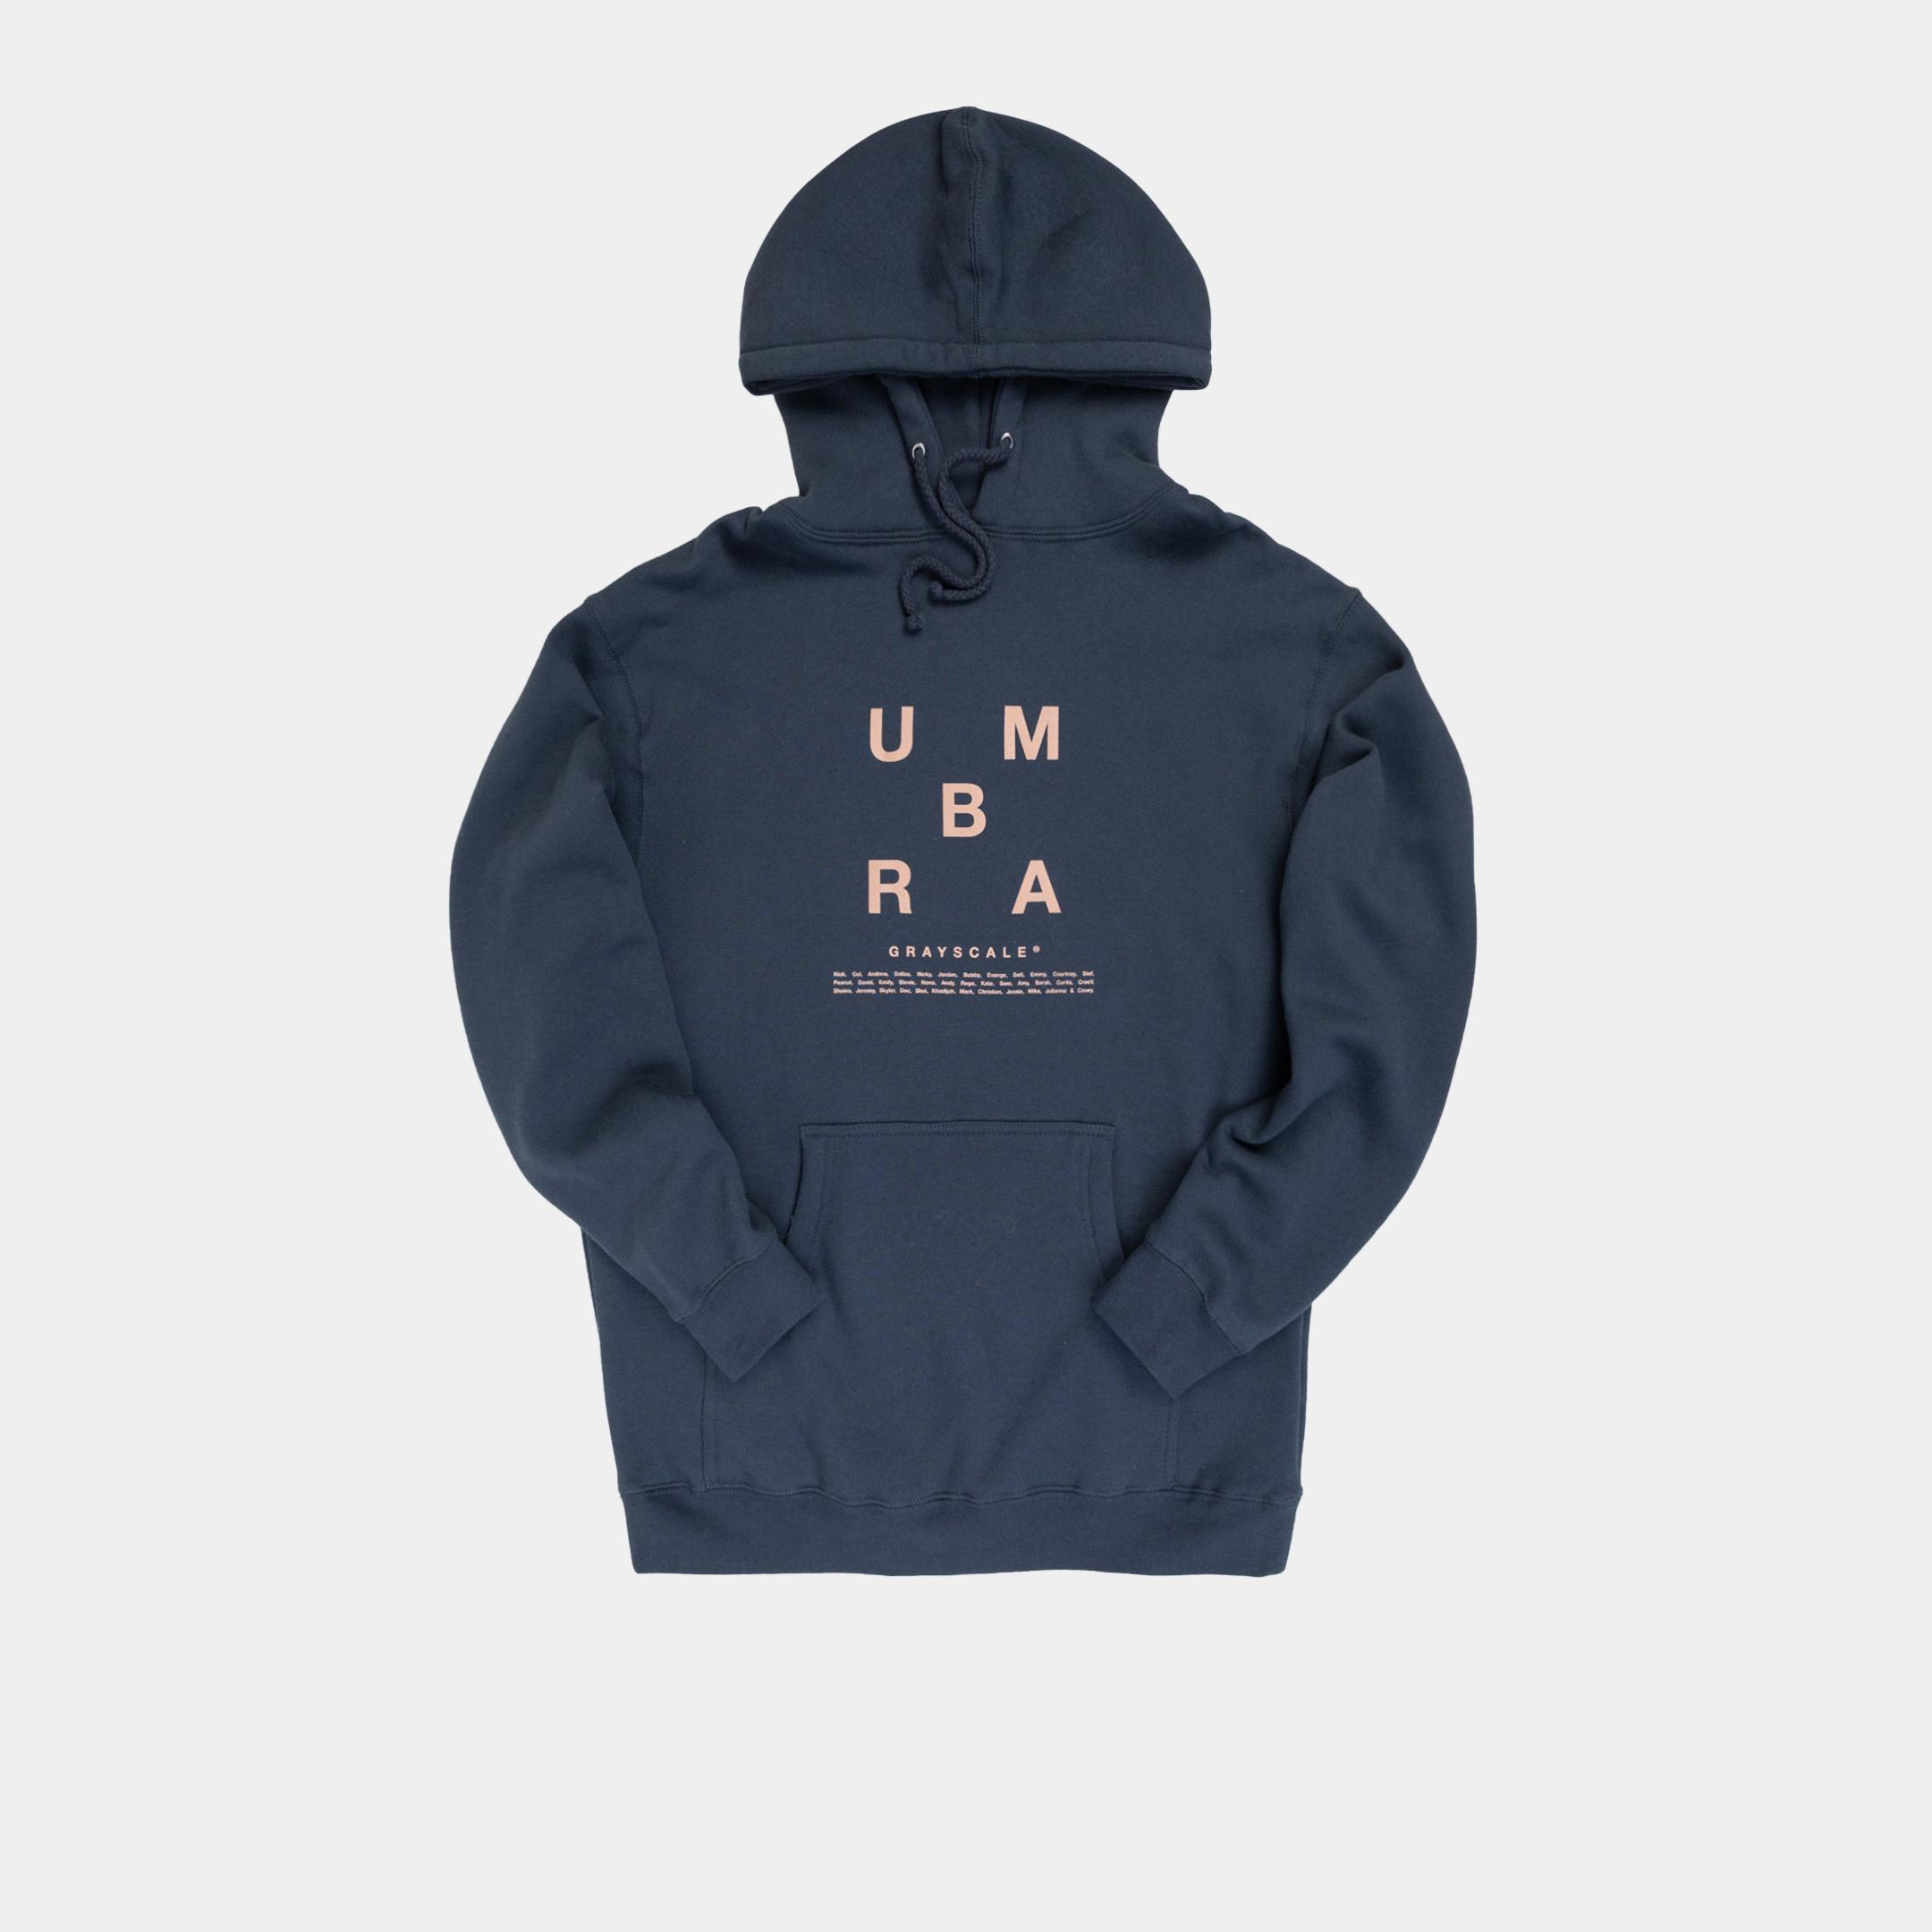 Umbra Team Hoodie - Navy